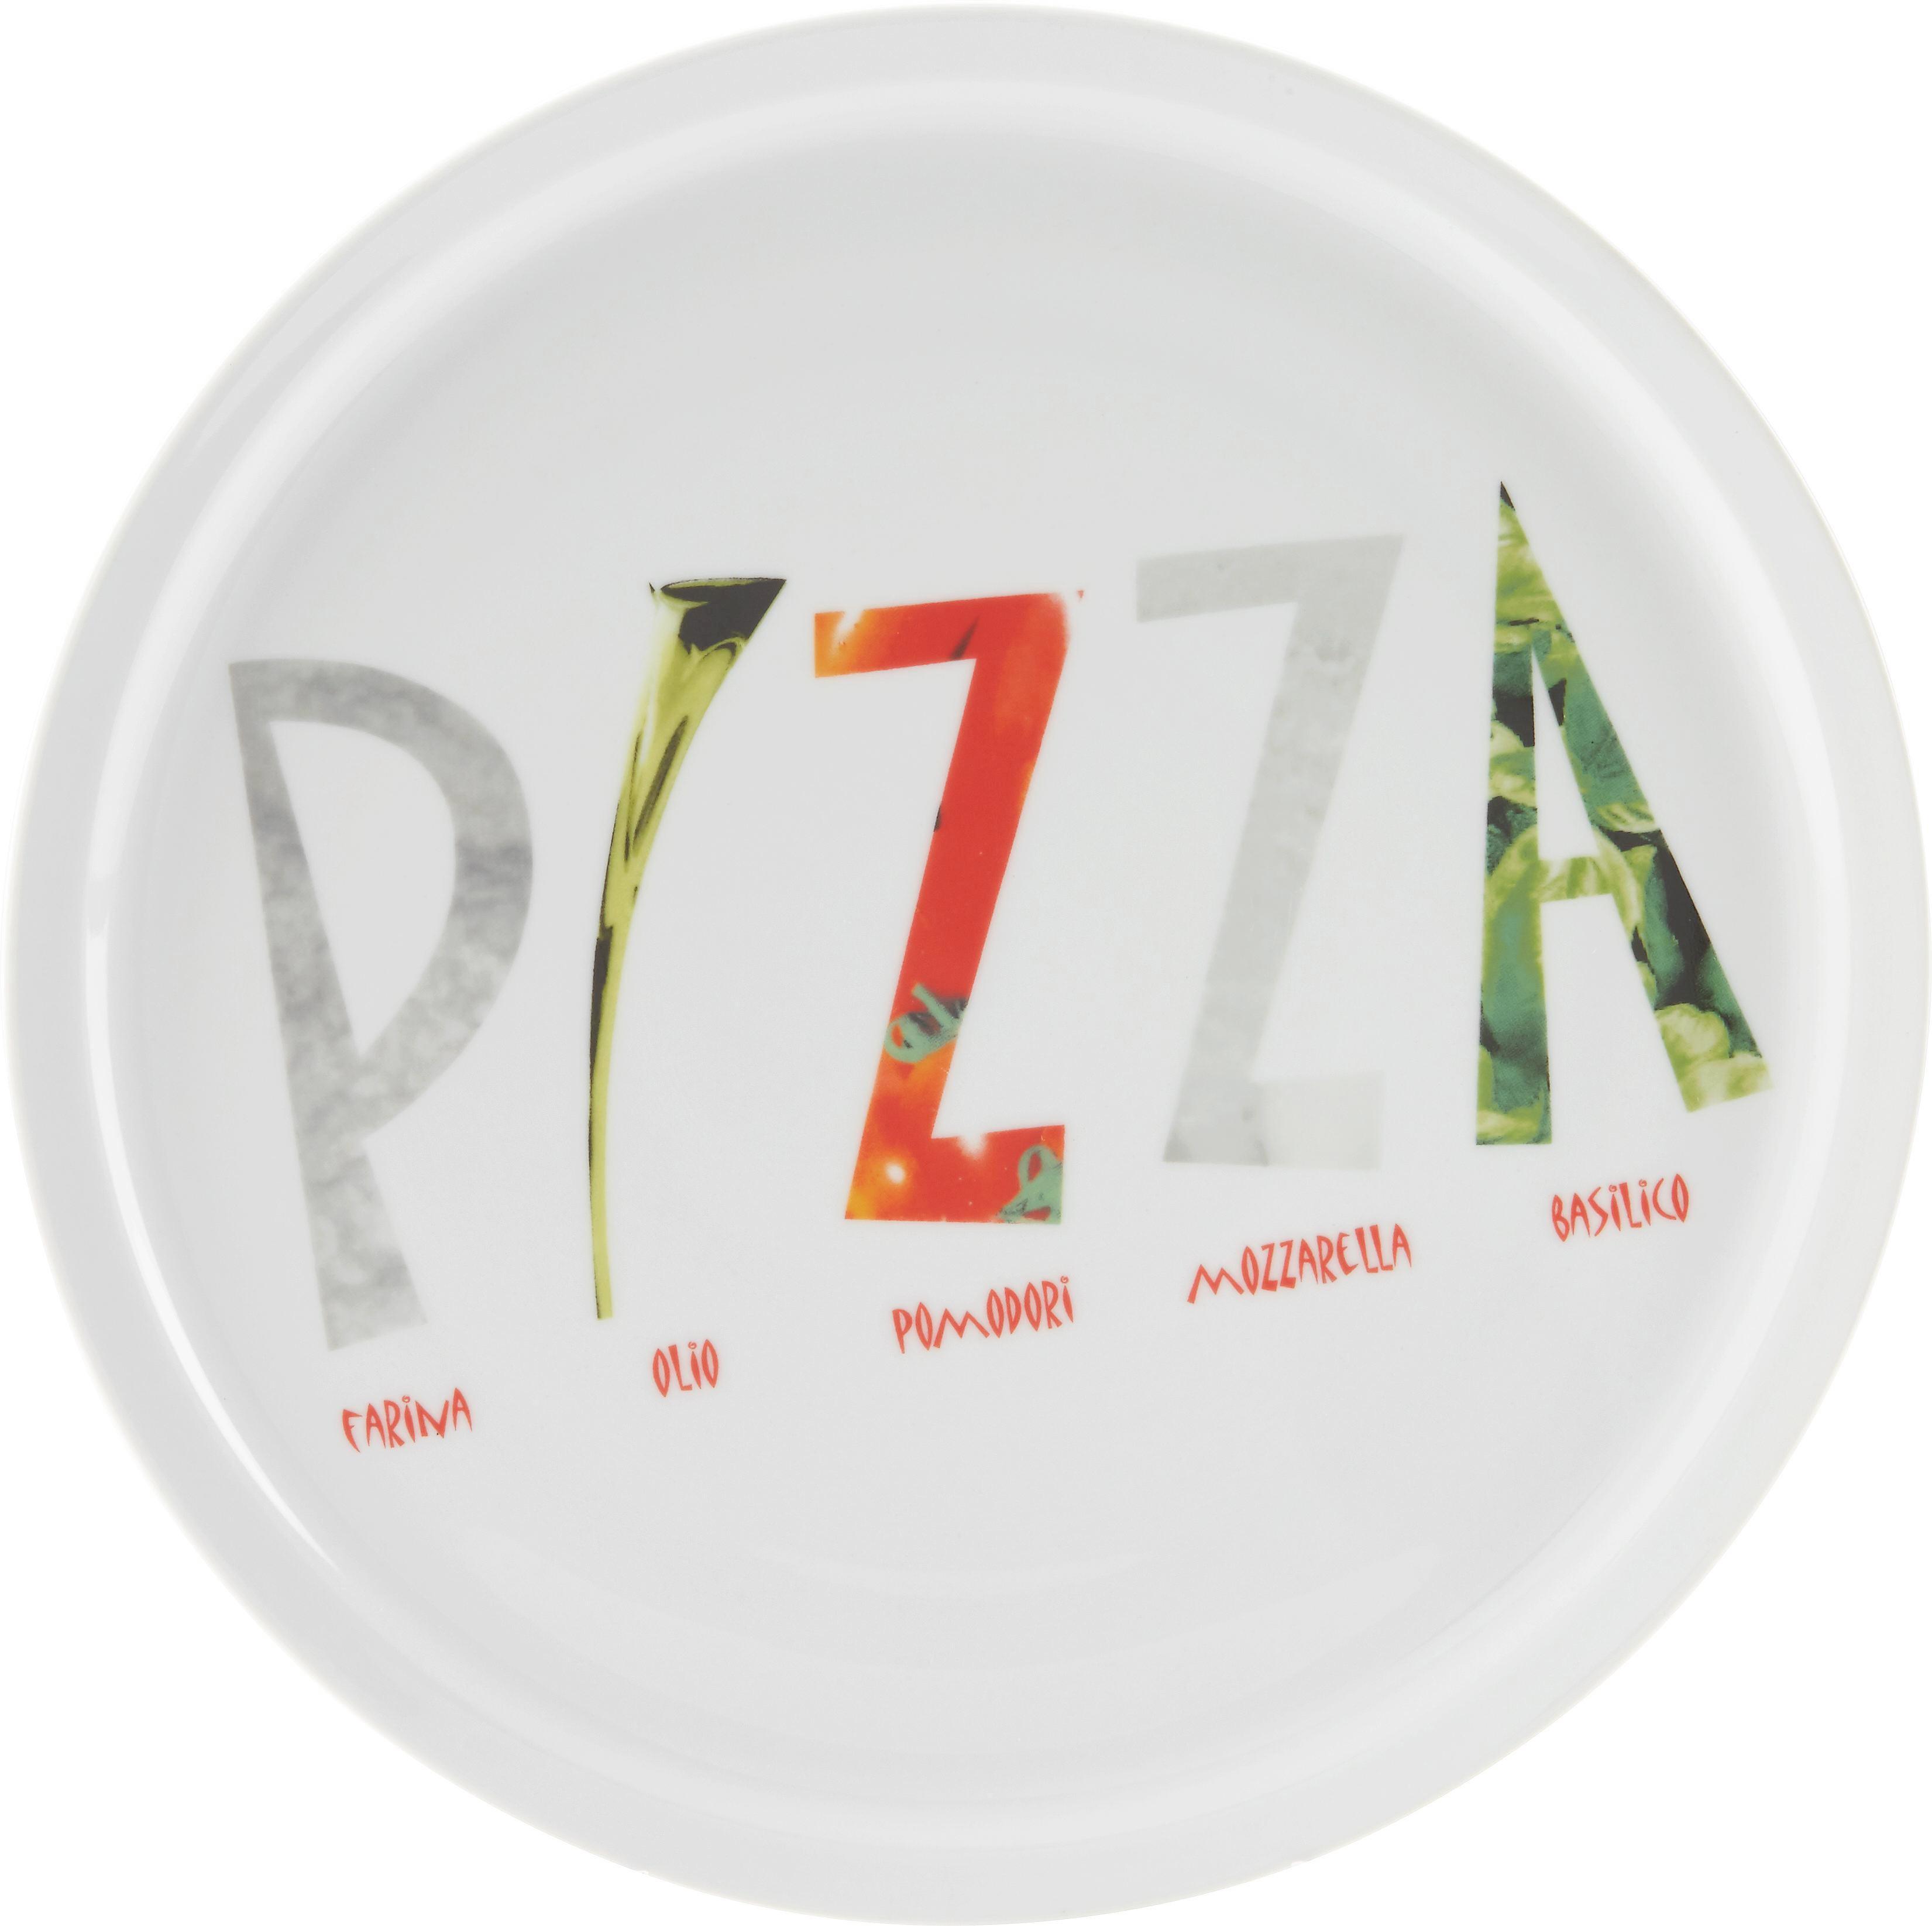 Pizzateller Adriano aus Porzellan - Multicolor/Weiß, Keramik (30cm) - MÖMAX modern living